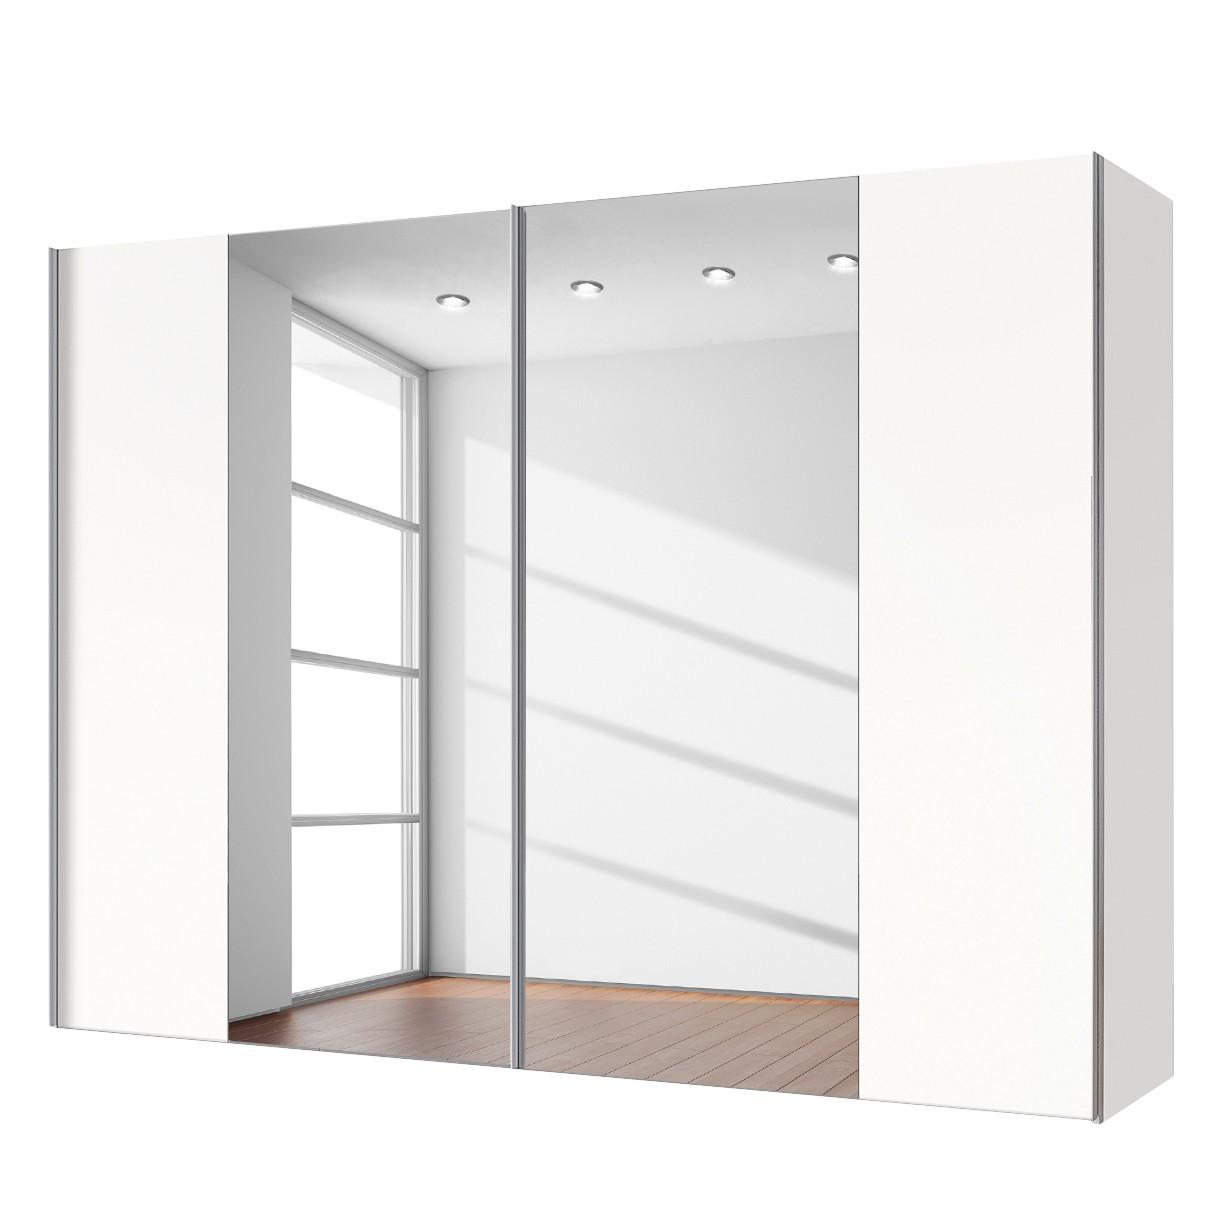 schwebet renschrank spiegel strass preisvergleich die besten angebote online kaufen. Black Bedroom Furniture Sets. Home Design Ideas